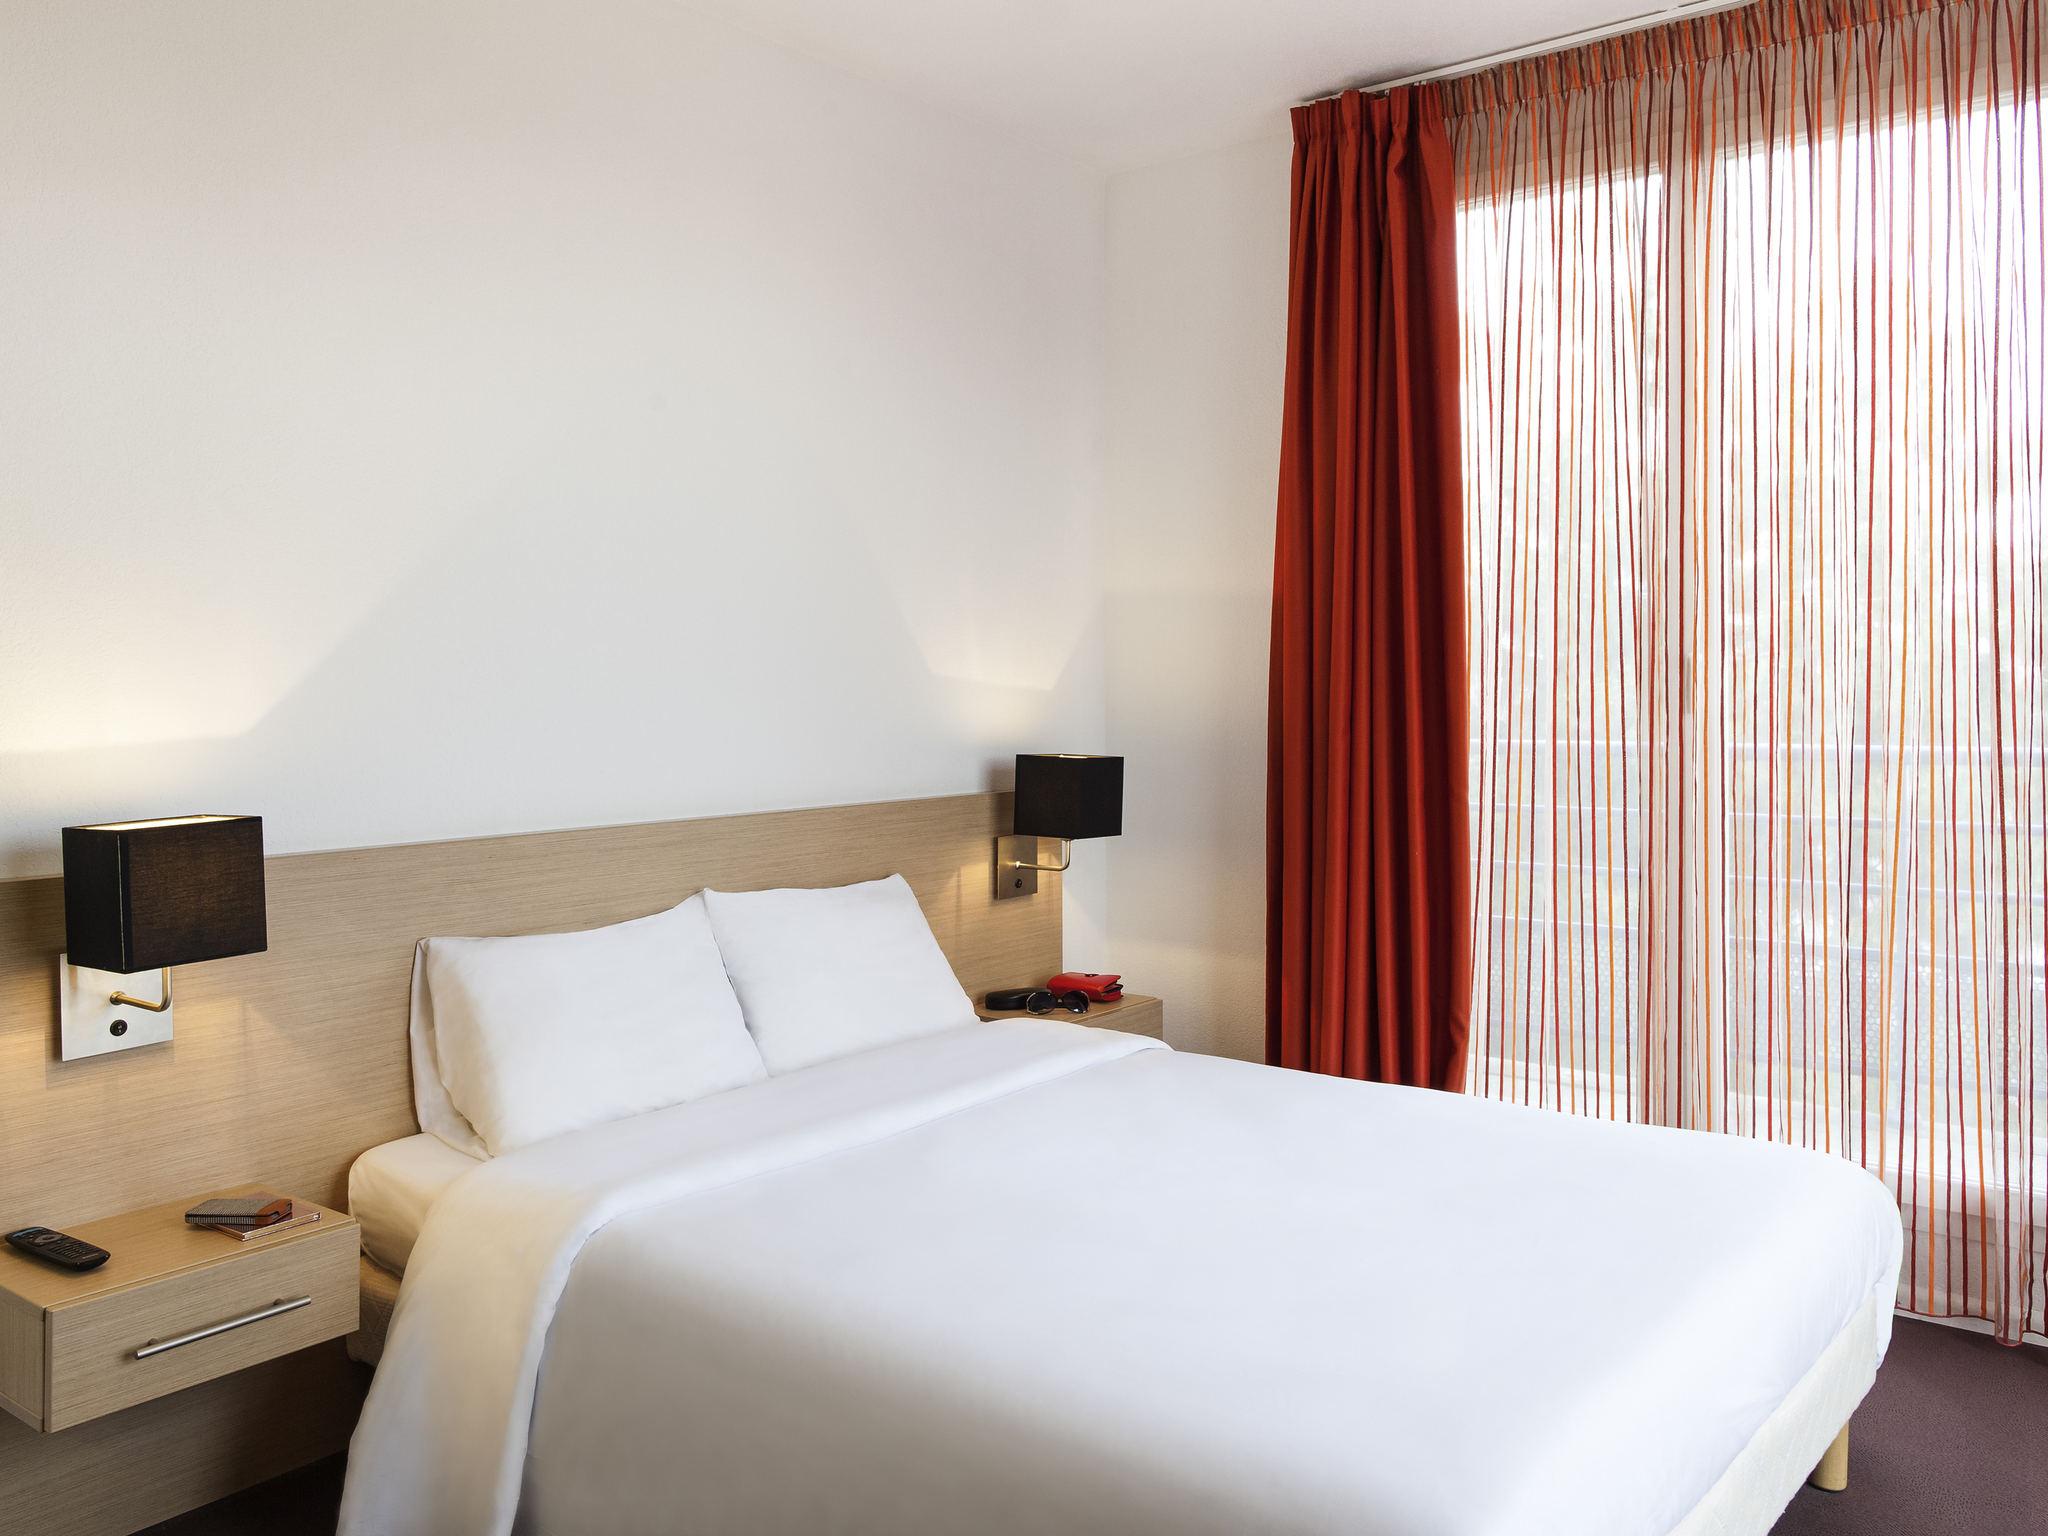 酒店 – 阿德吉奥阿克瑟斯圣路易斯巴塞尔酒店